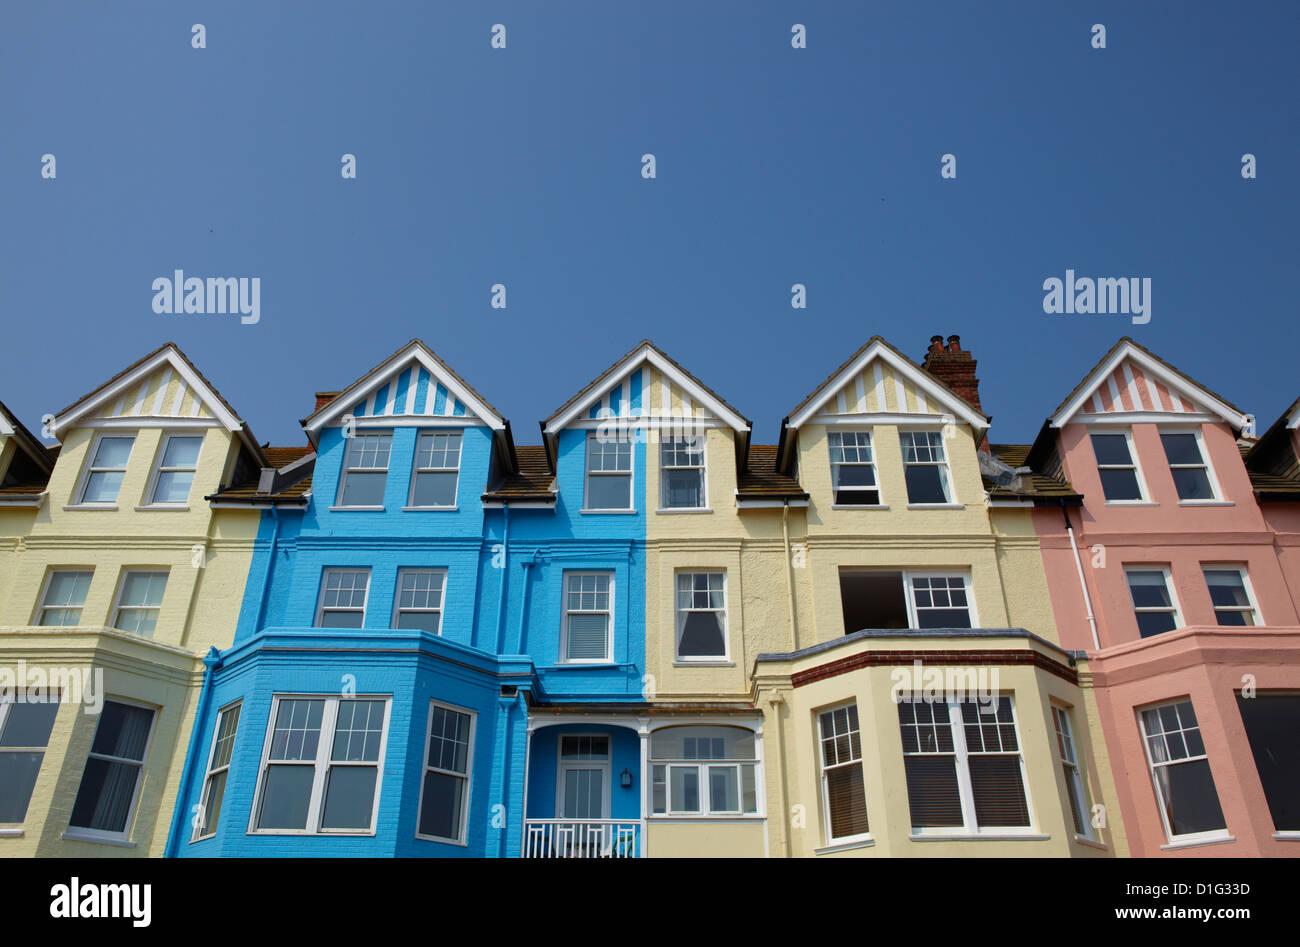 Maisons colorées à bord d'Aldeburgh, Suffolk, Angleterre, Royaume-Uni, Europe Photo Stock